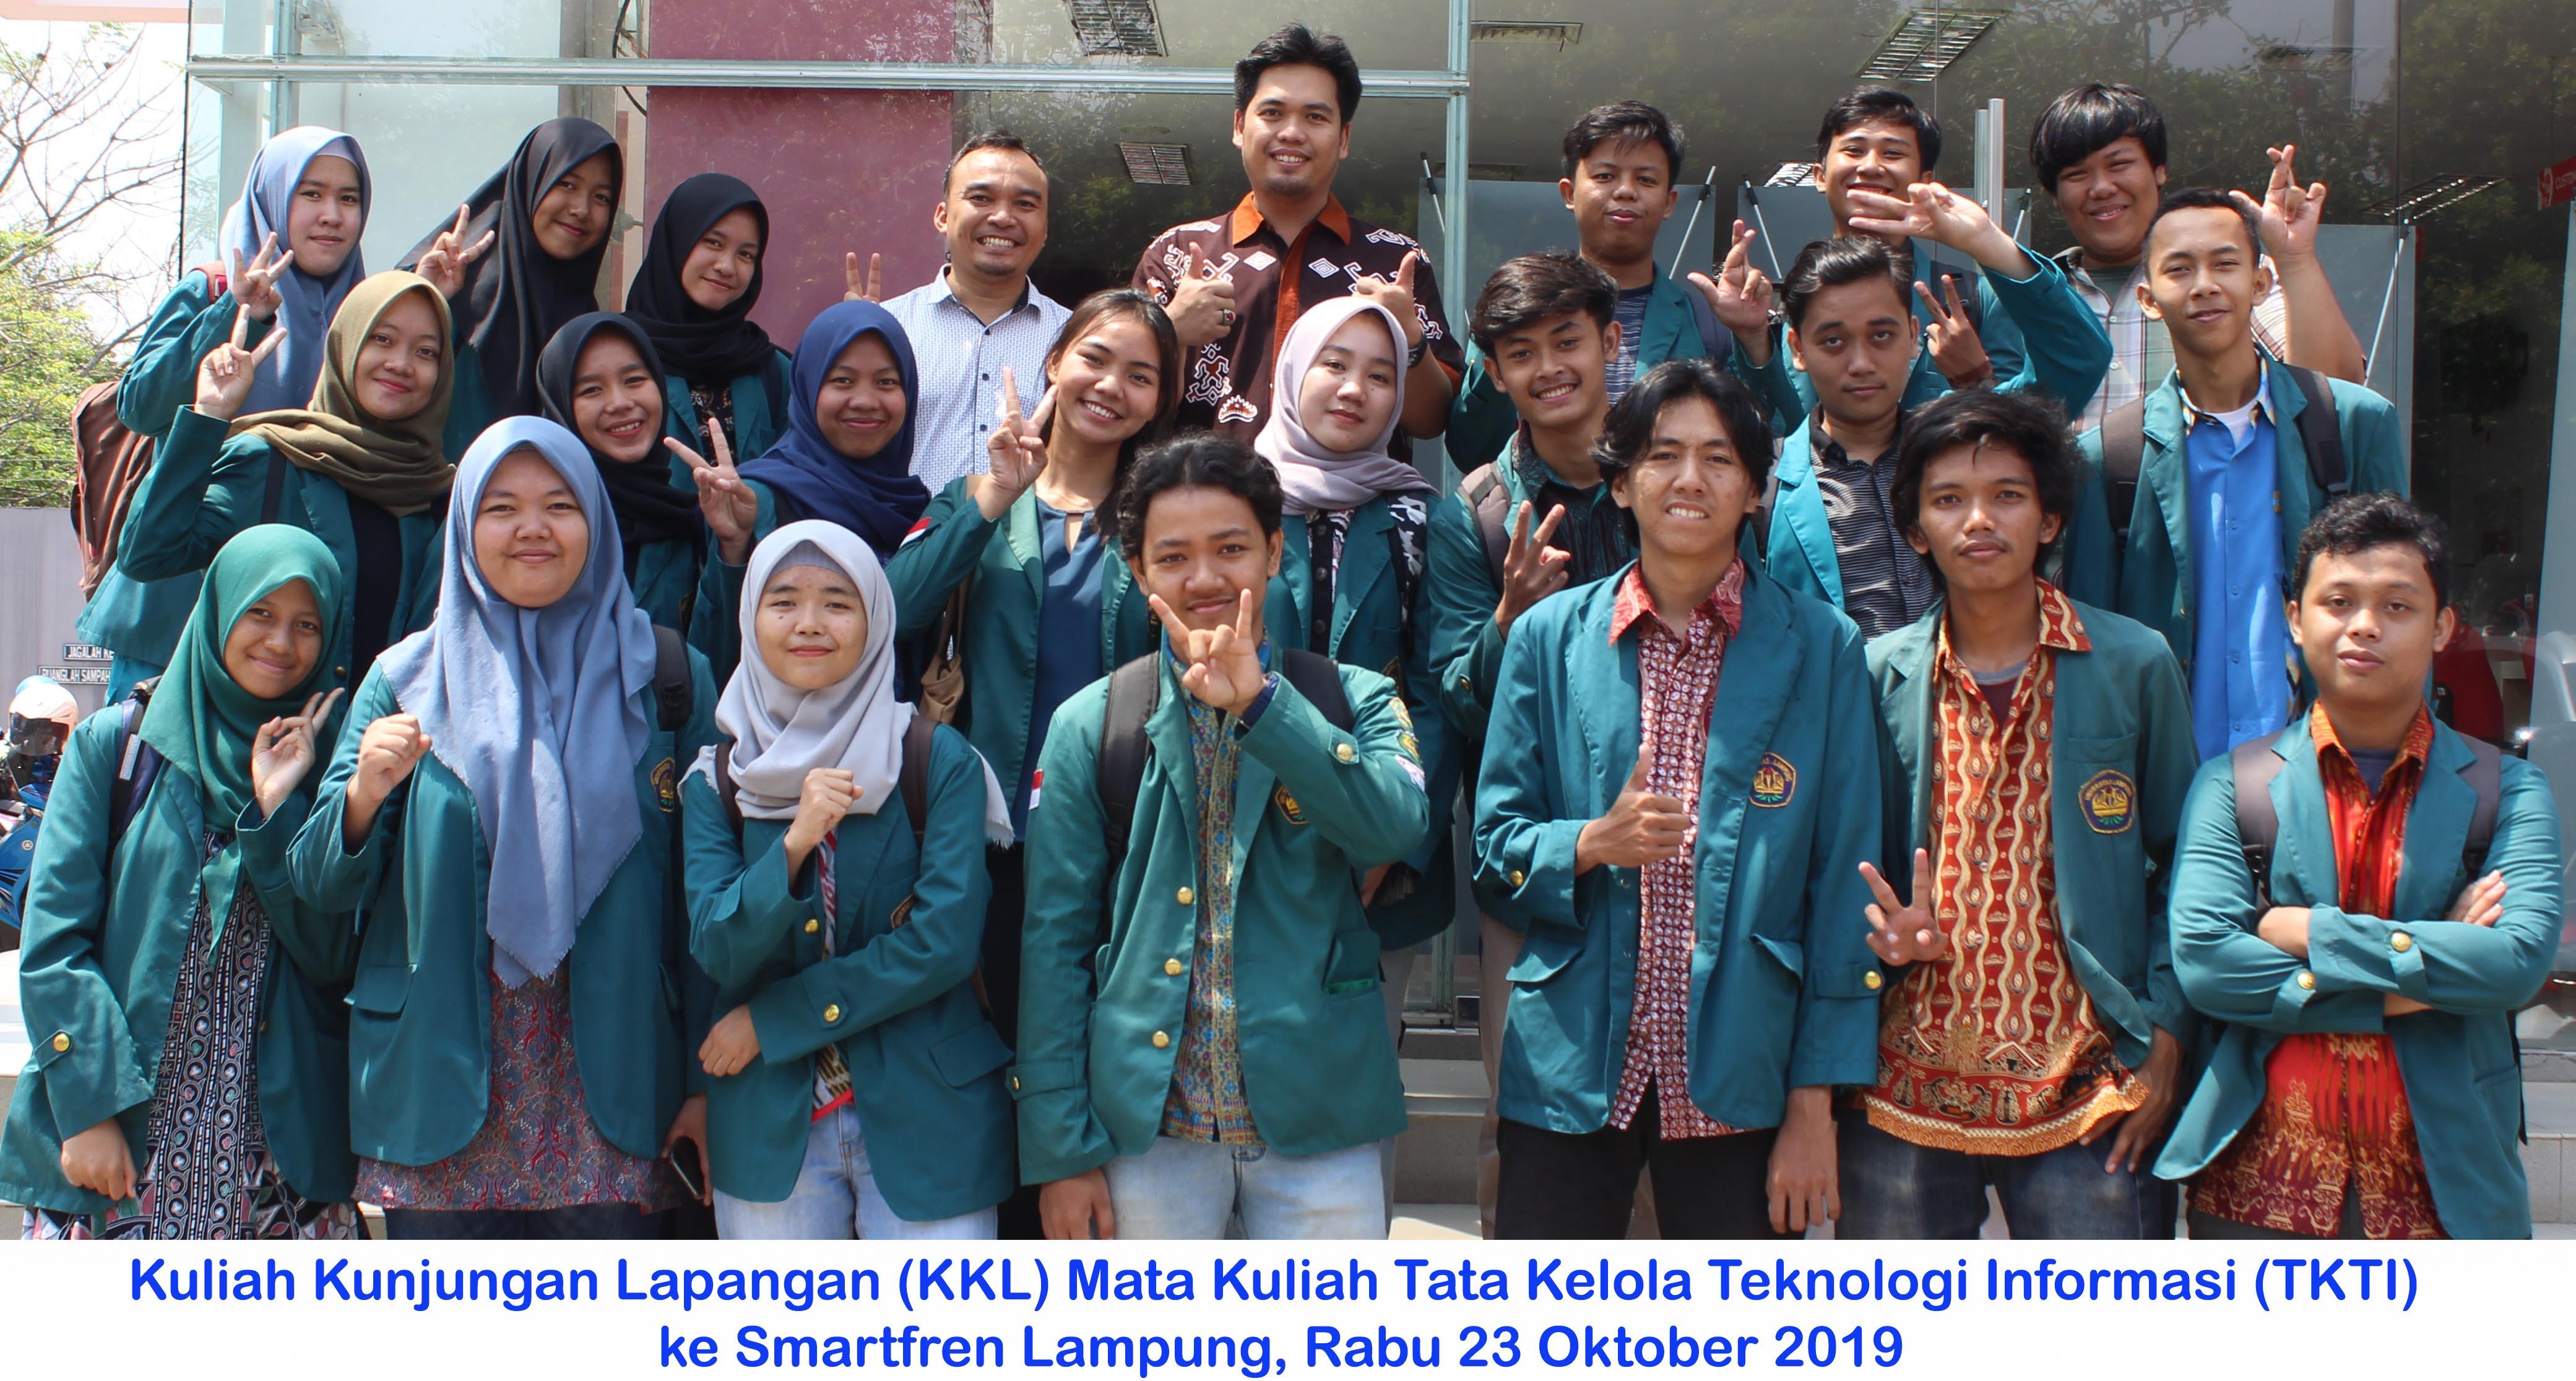 KKL SmartFren